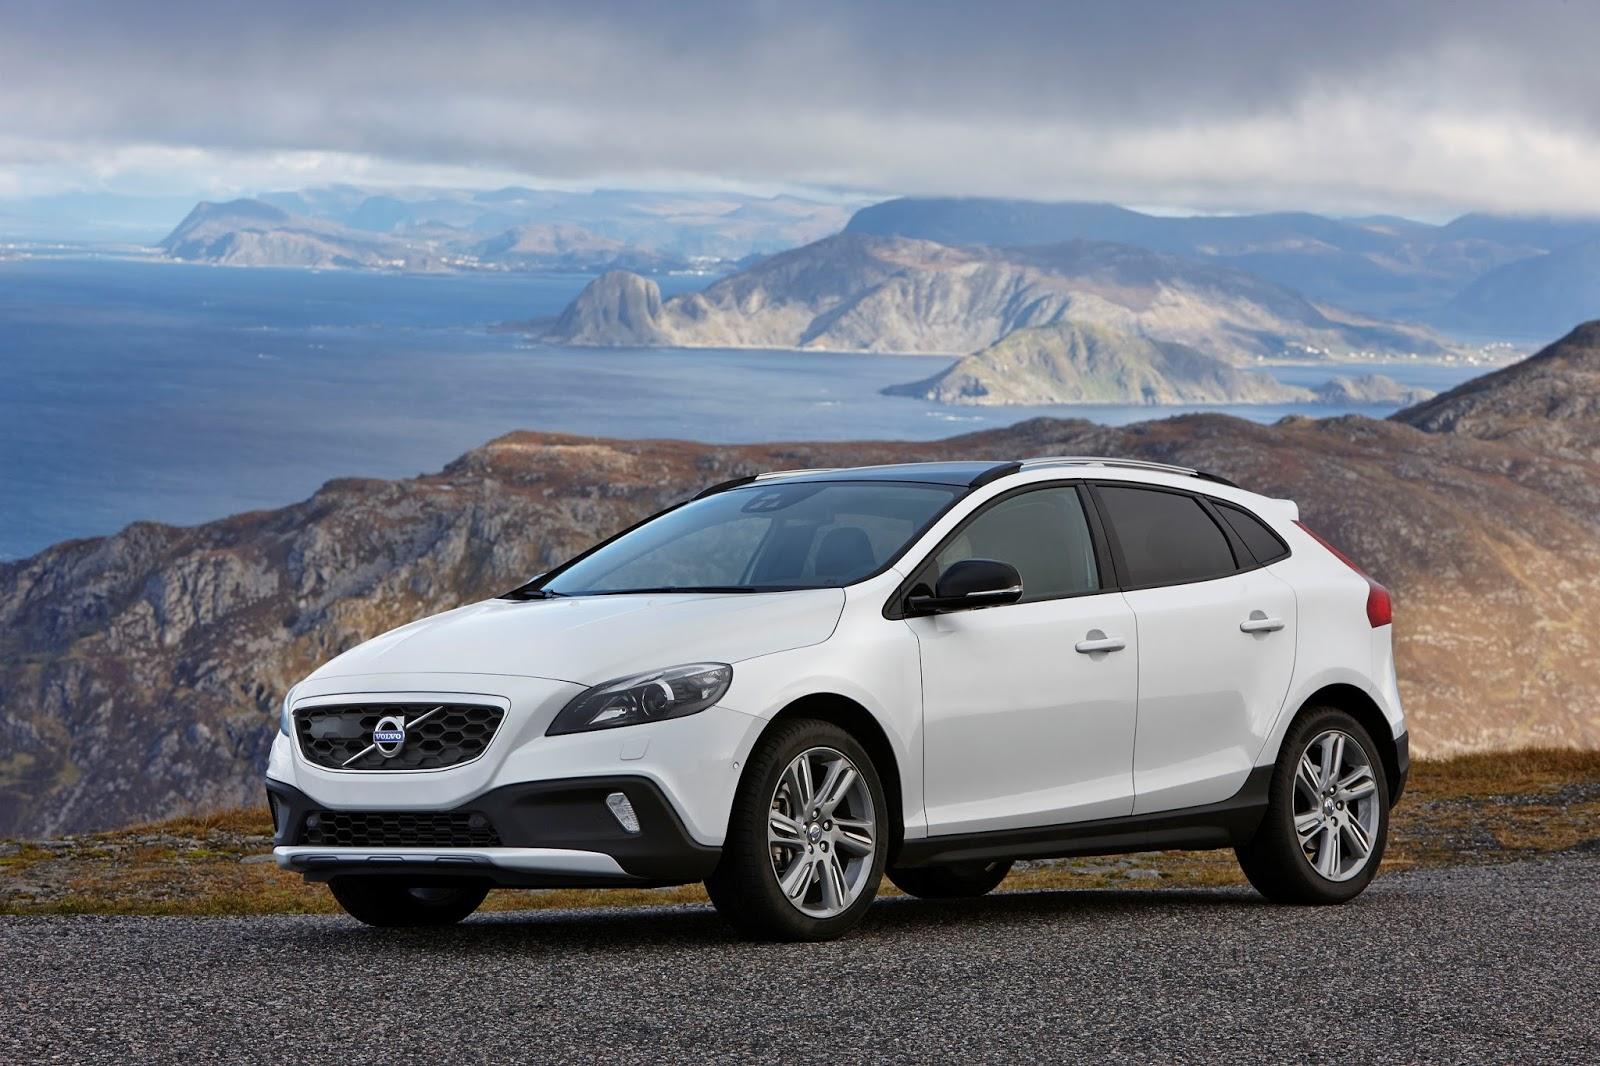 VOLVO%2BV40%2BCROSS%2BCOUNTRY Παγκόσμιο ρεκόρ πωλήσεων για τη Volvo